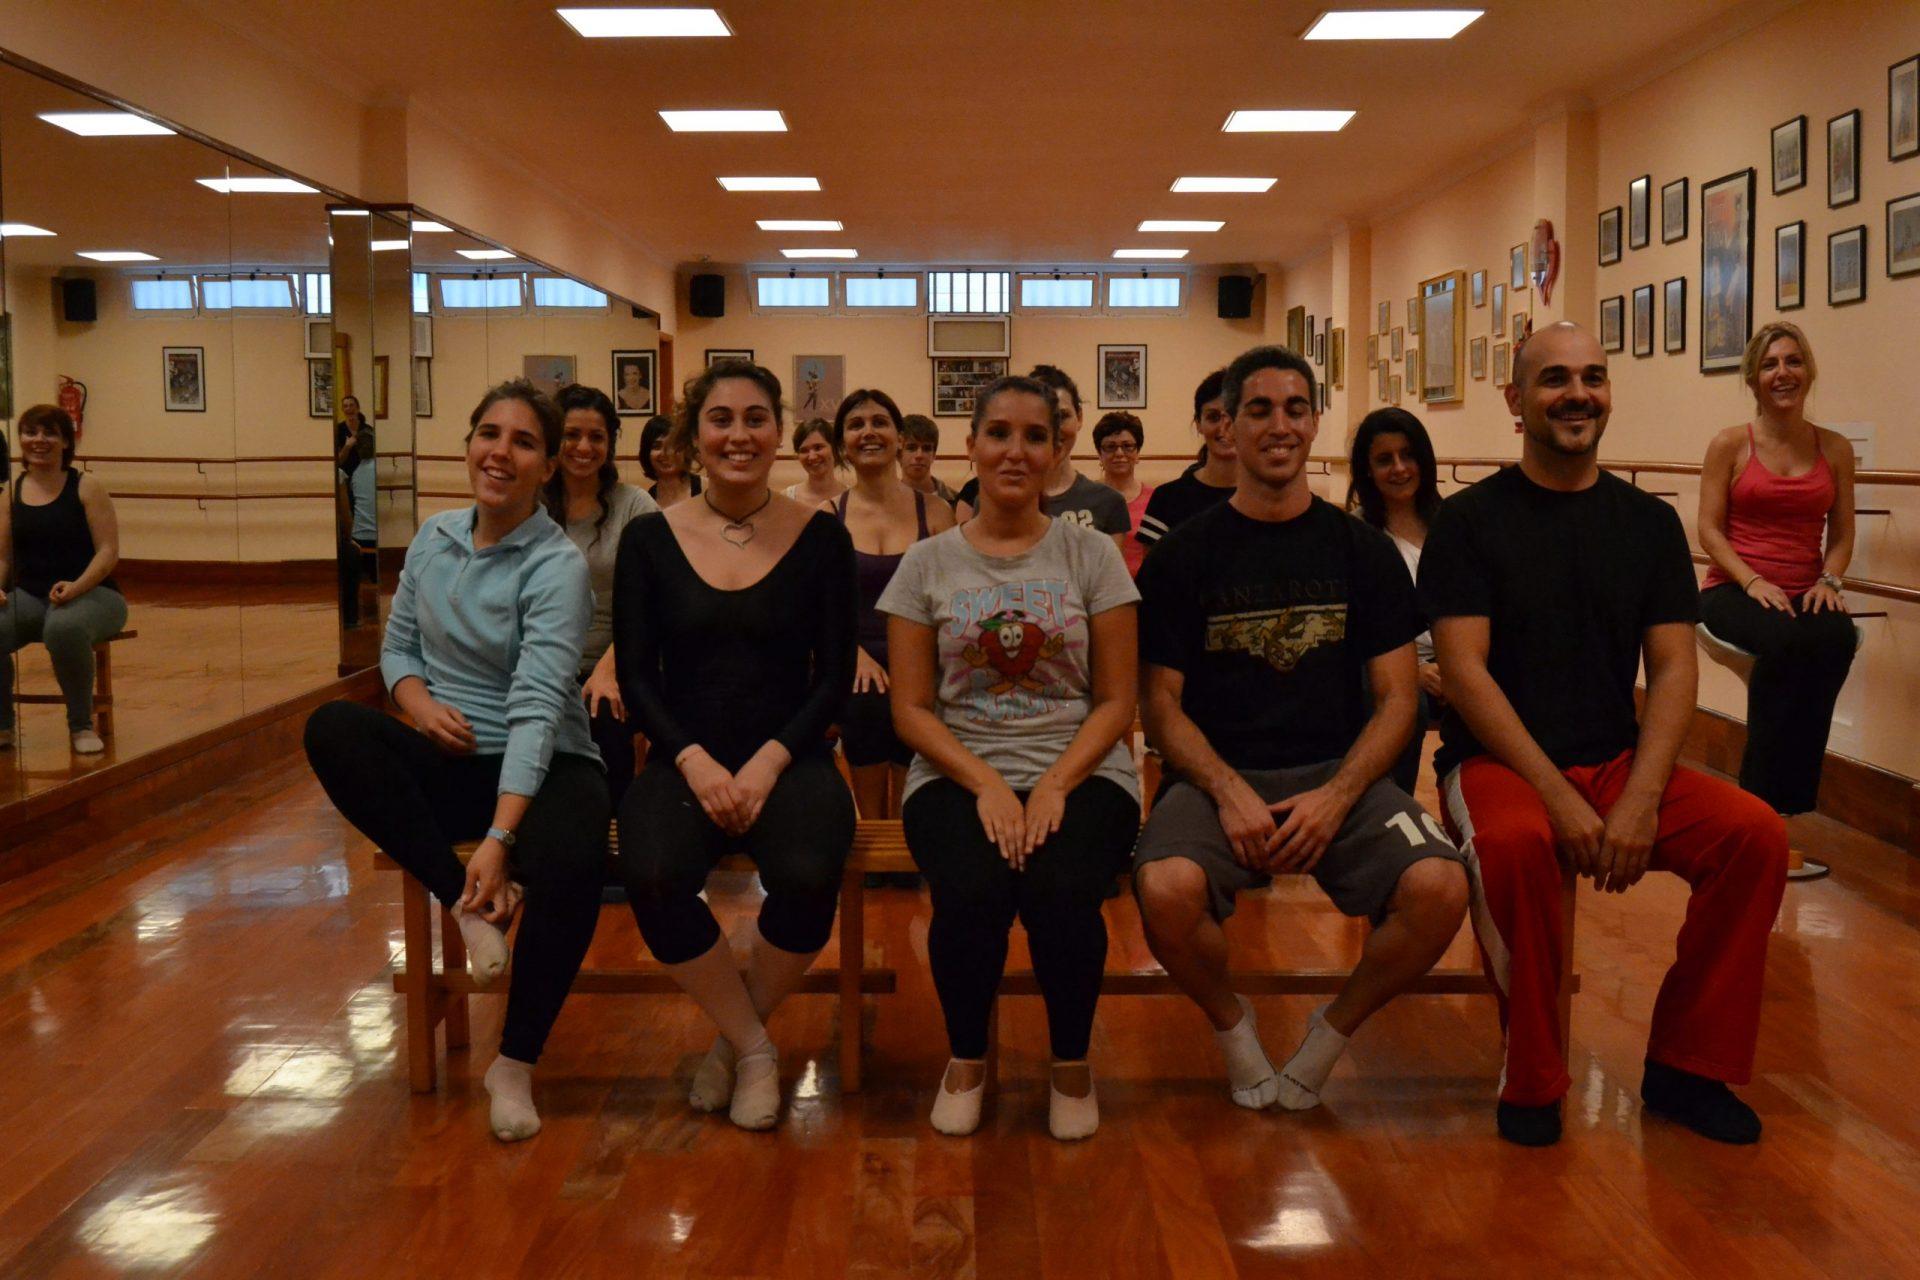 Foto en el Centro de Danza Sandra Santa Cruz de un grupo de bailarines sentados en bancos de madera en la sala de baile... No bailan se preguntarán, sí,  están ensayo del Flashmob en la Escuela Oficial de Idiomas de Las Palmas II.